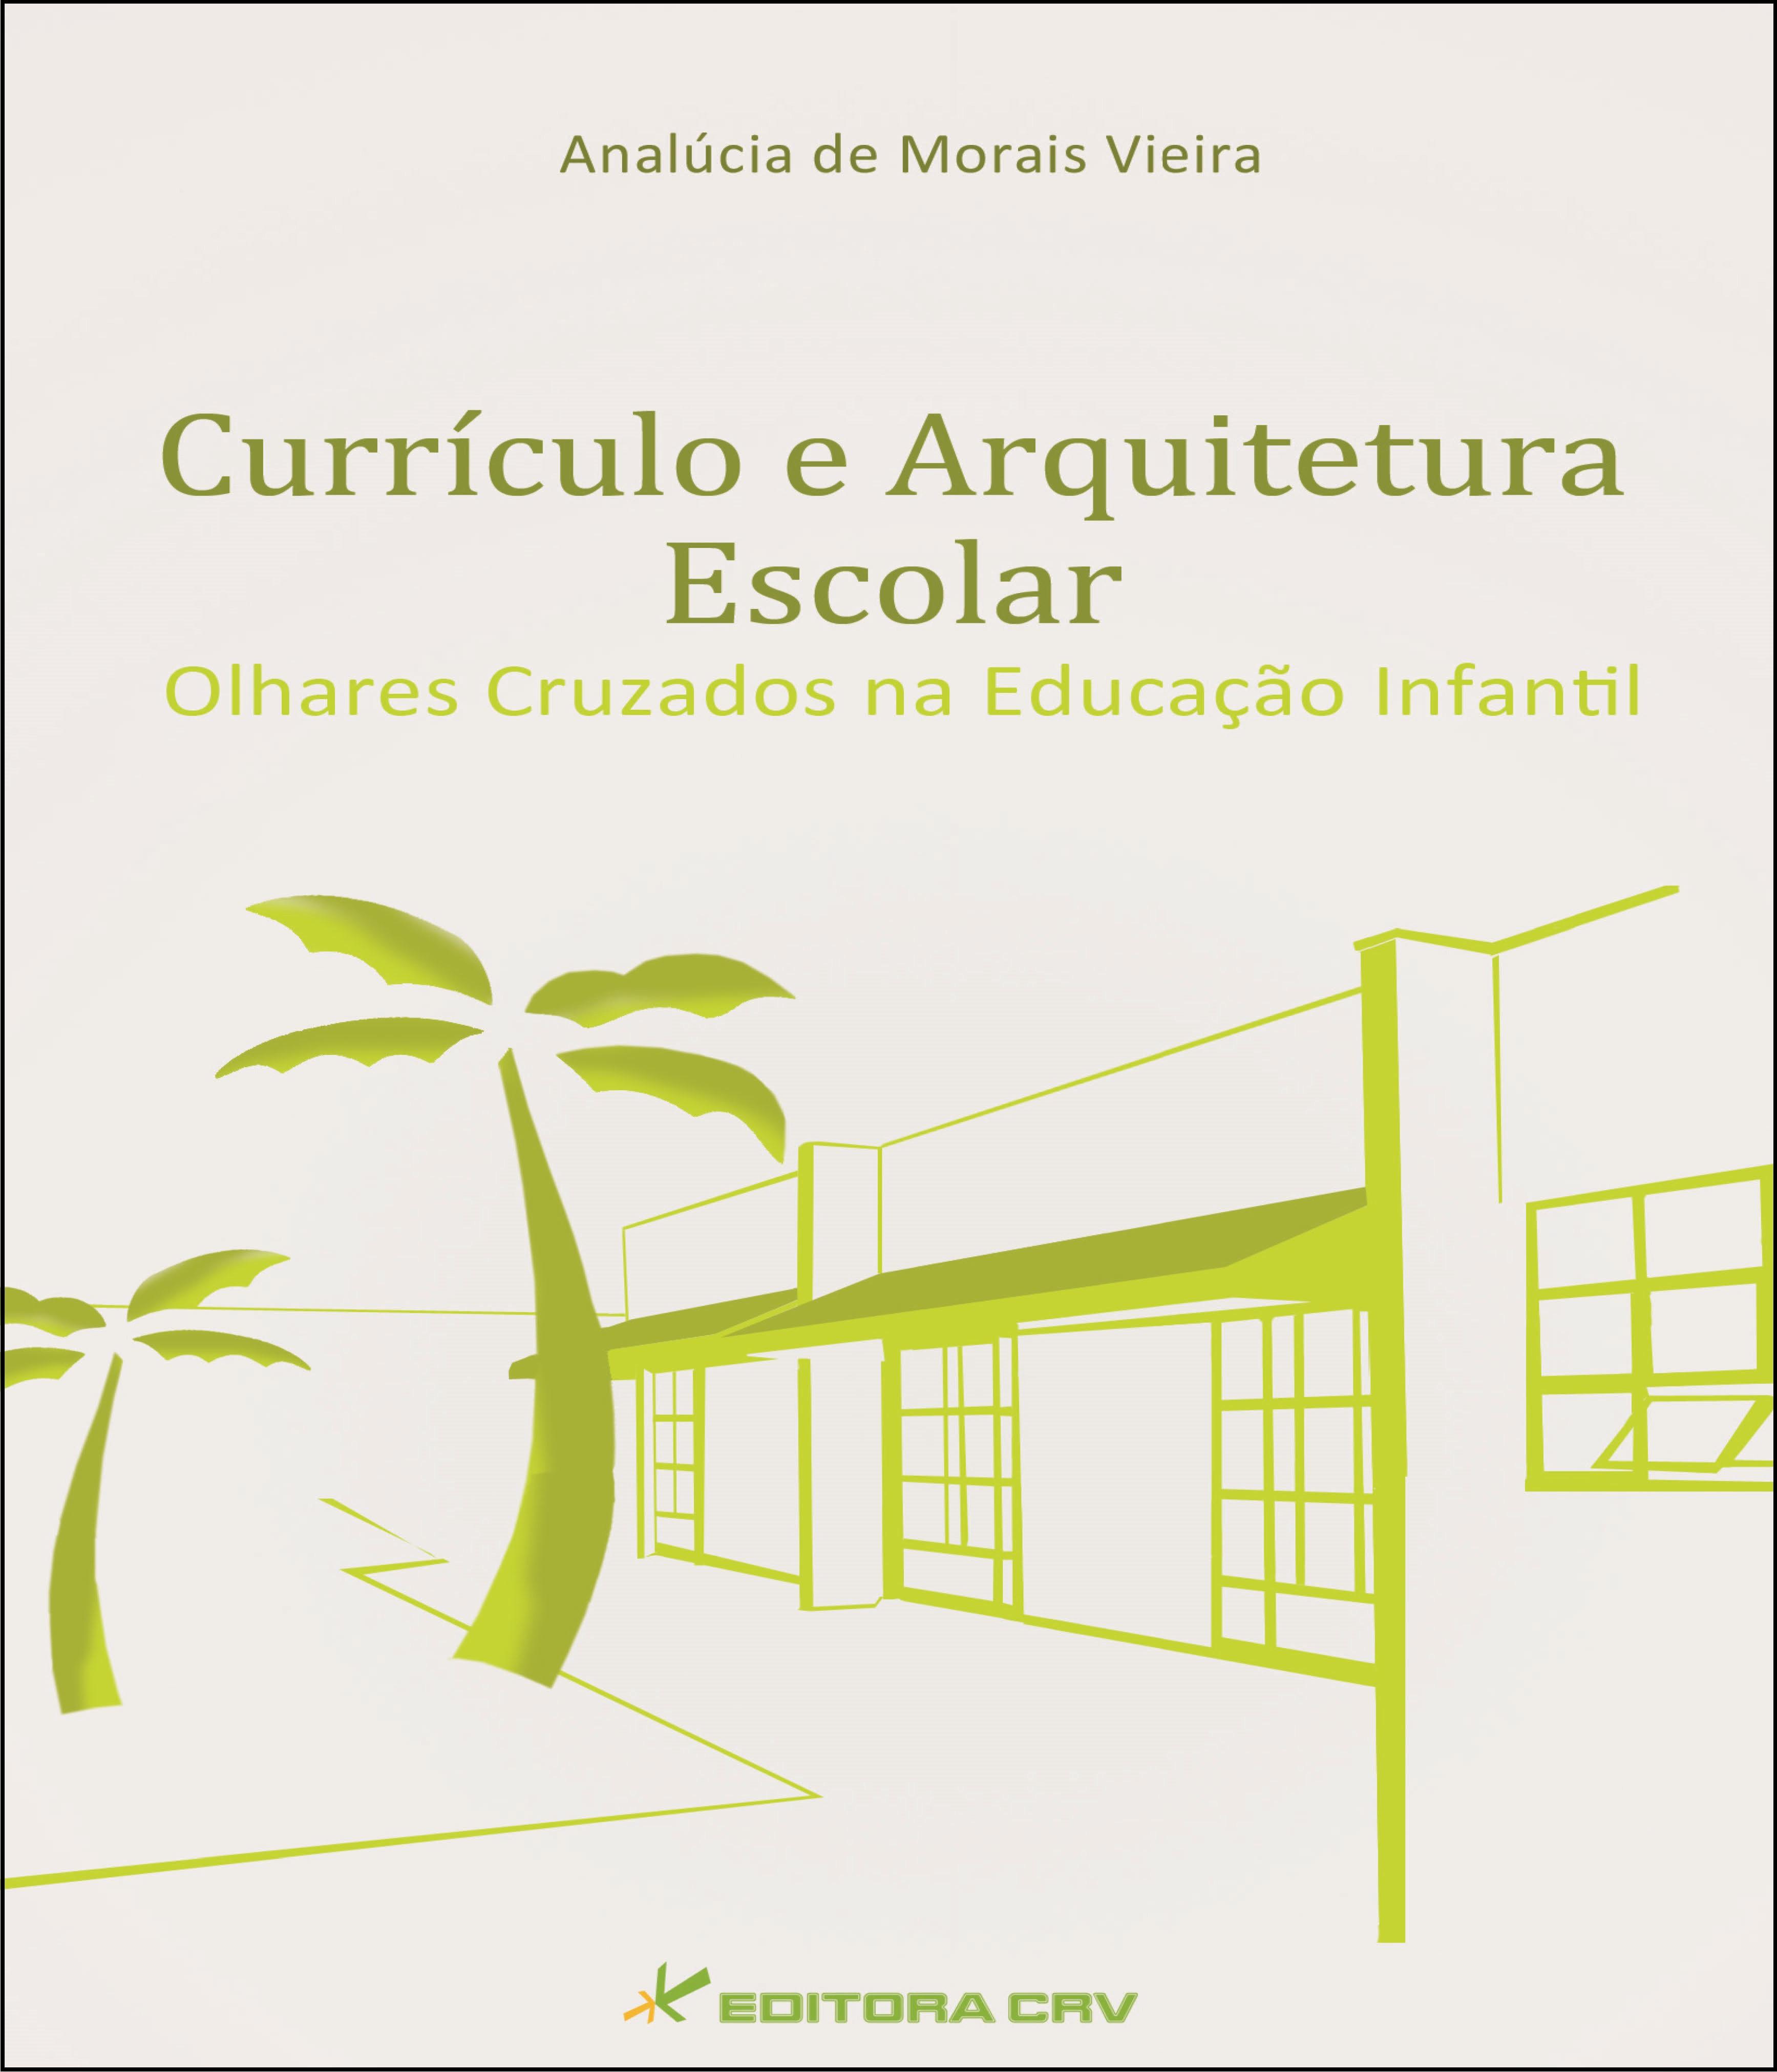 Capa do livro: CURRÍCULO E ARQUITETURA ESCOLAR:<br>olhares cruzados na Educação Infantil